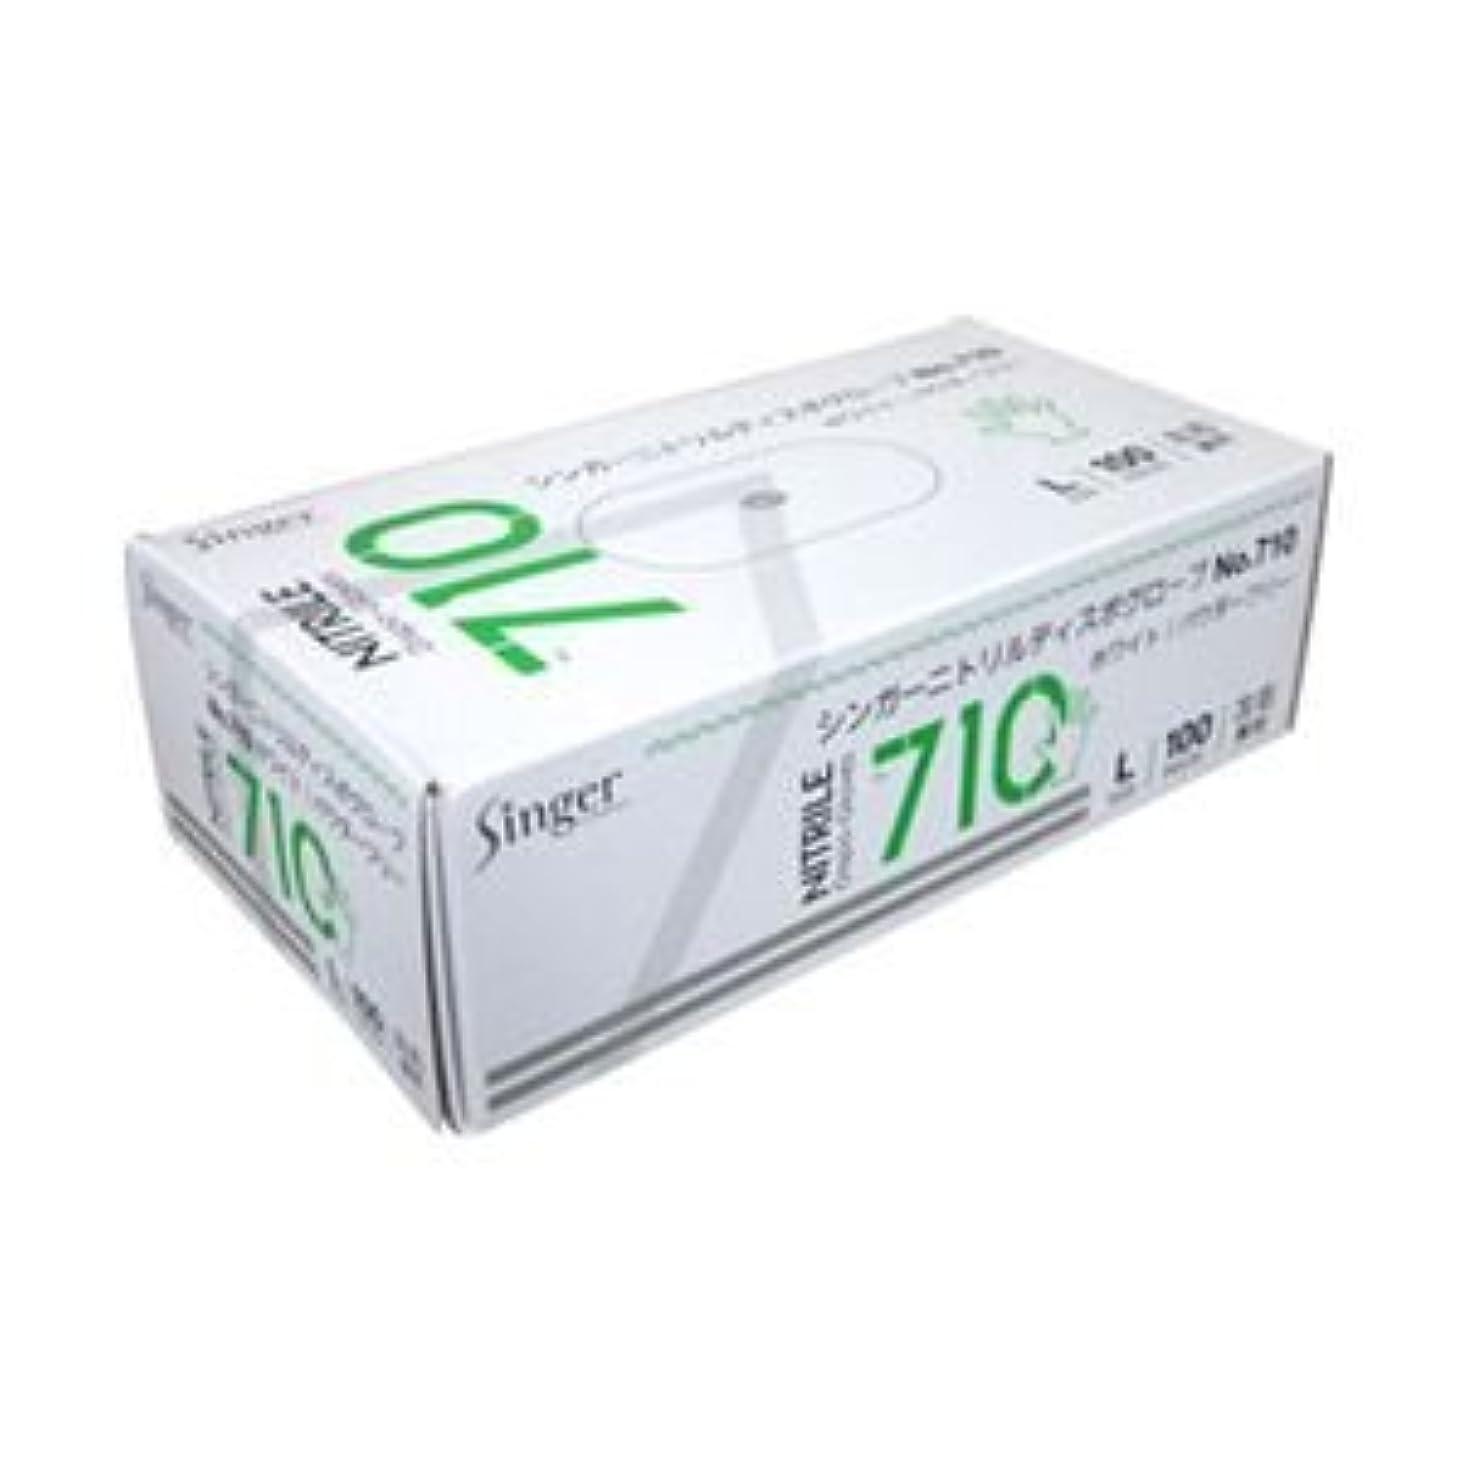 セージトチの実の木ペチコート宇都宮製作 ニトリル手袋 粉なし ホワイト L 1箱(100枚) ×5セット